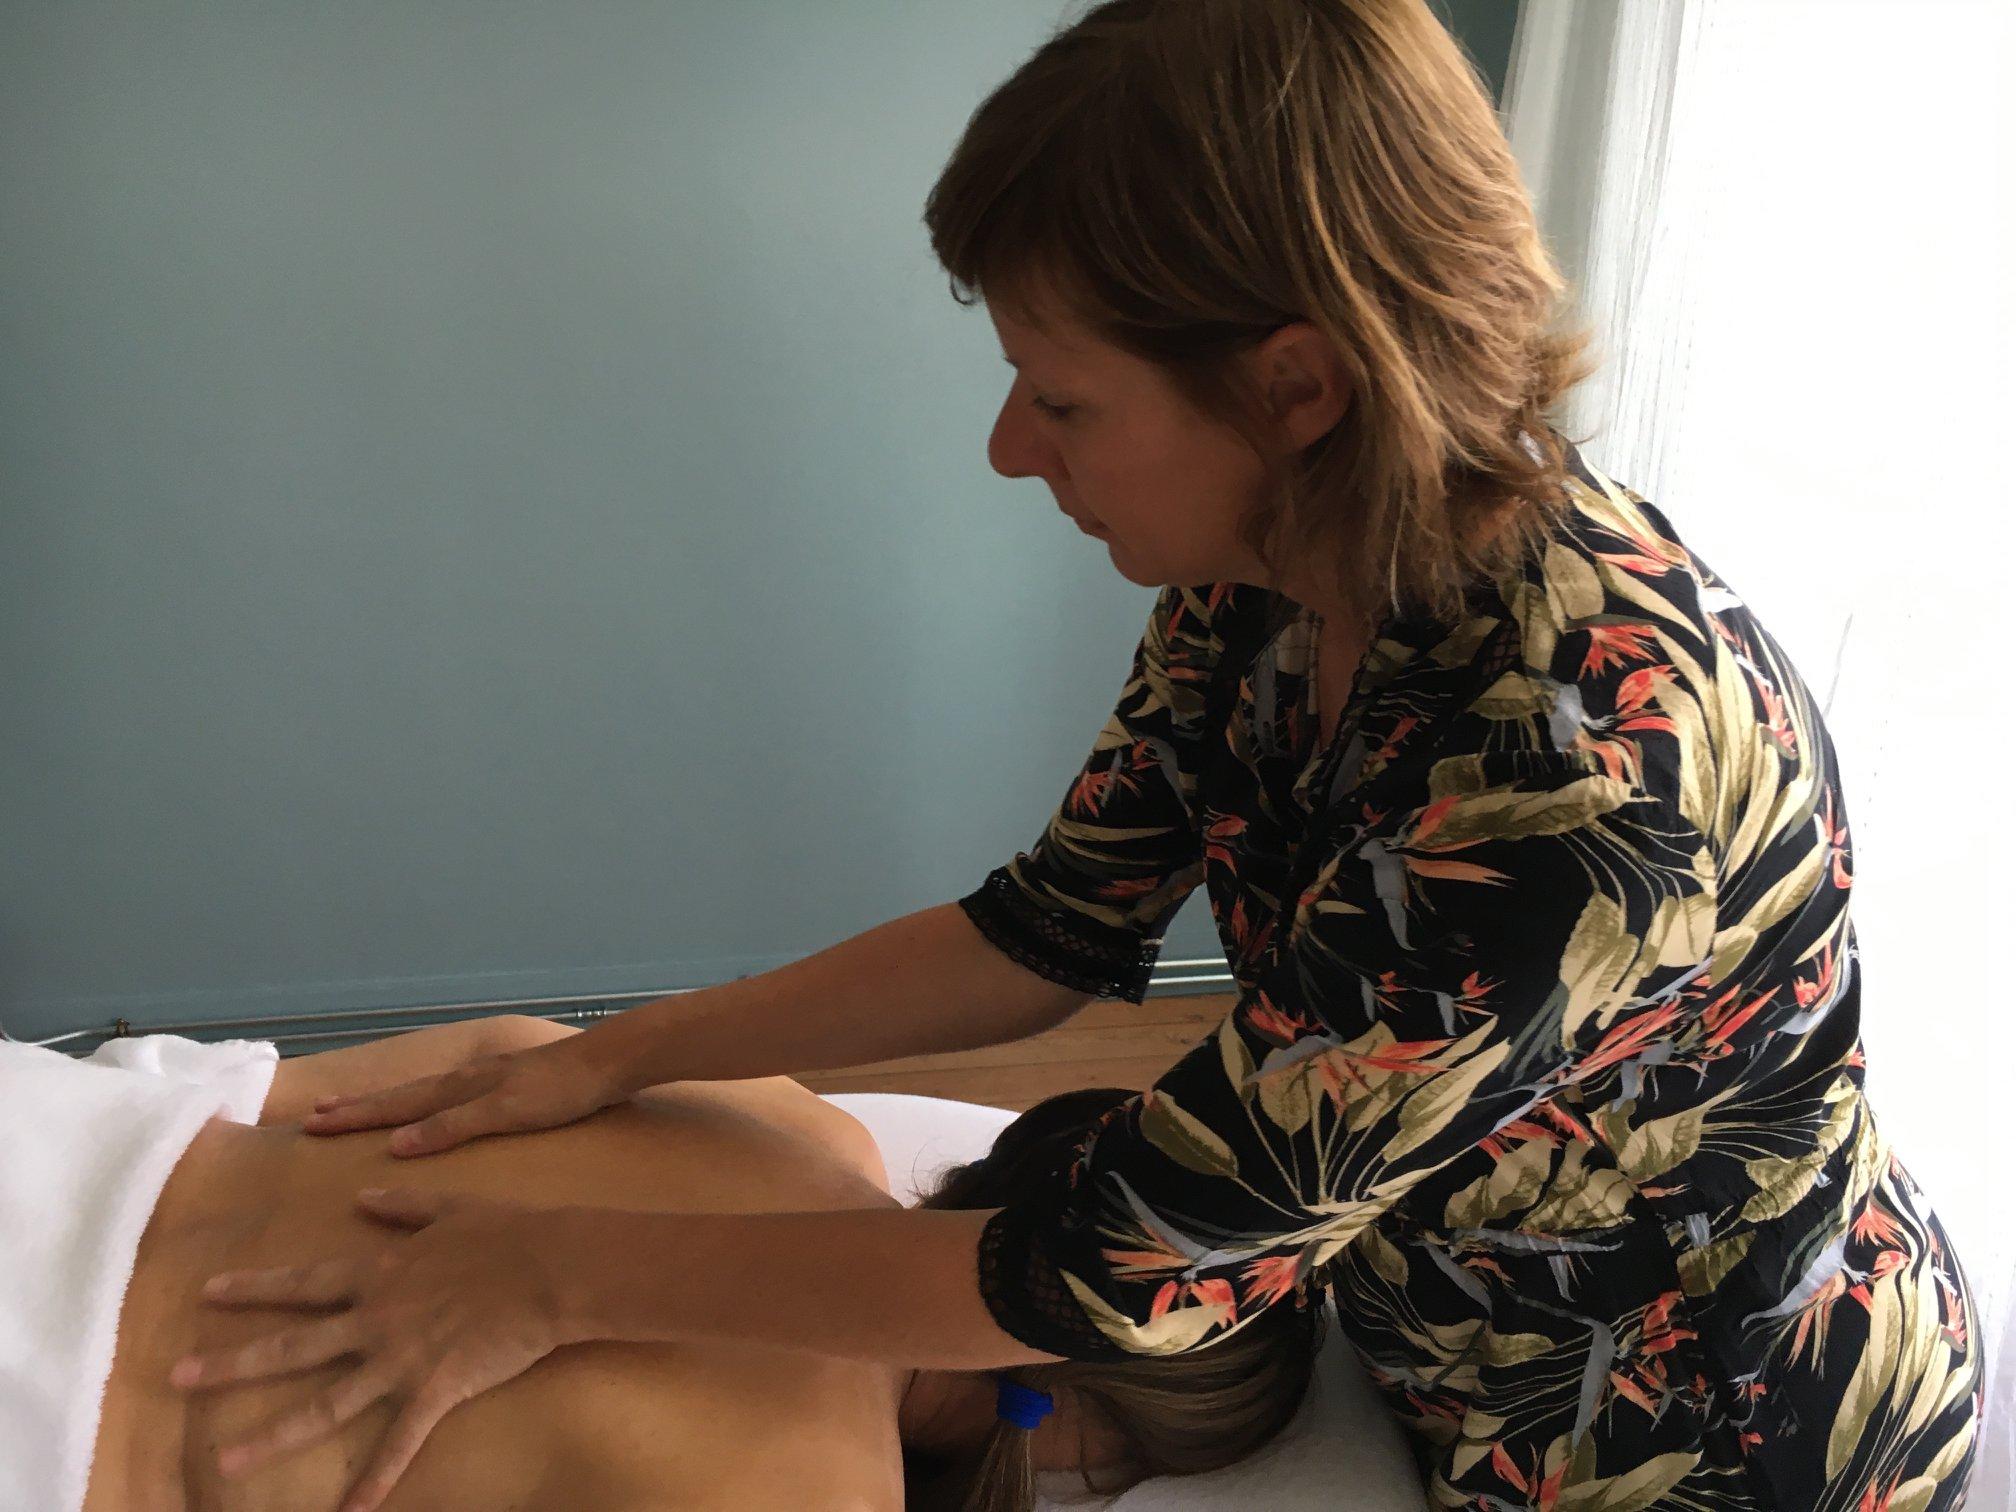 Nathalie massage